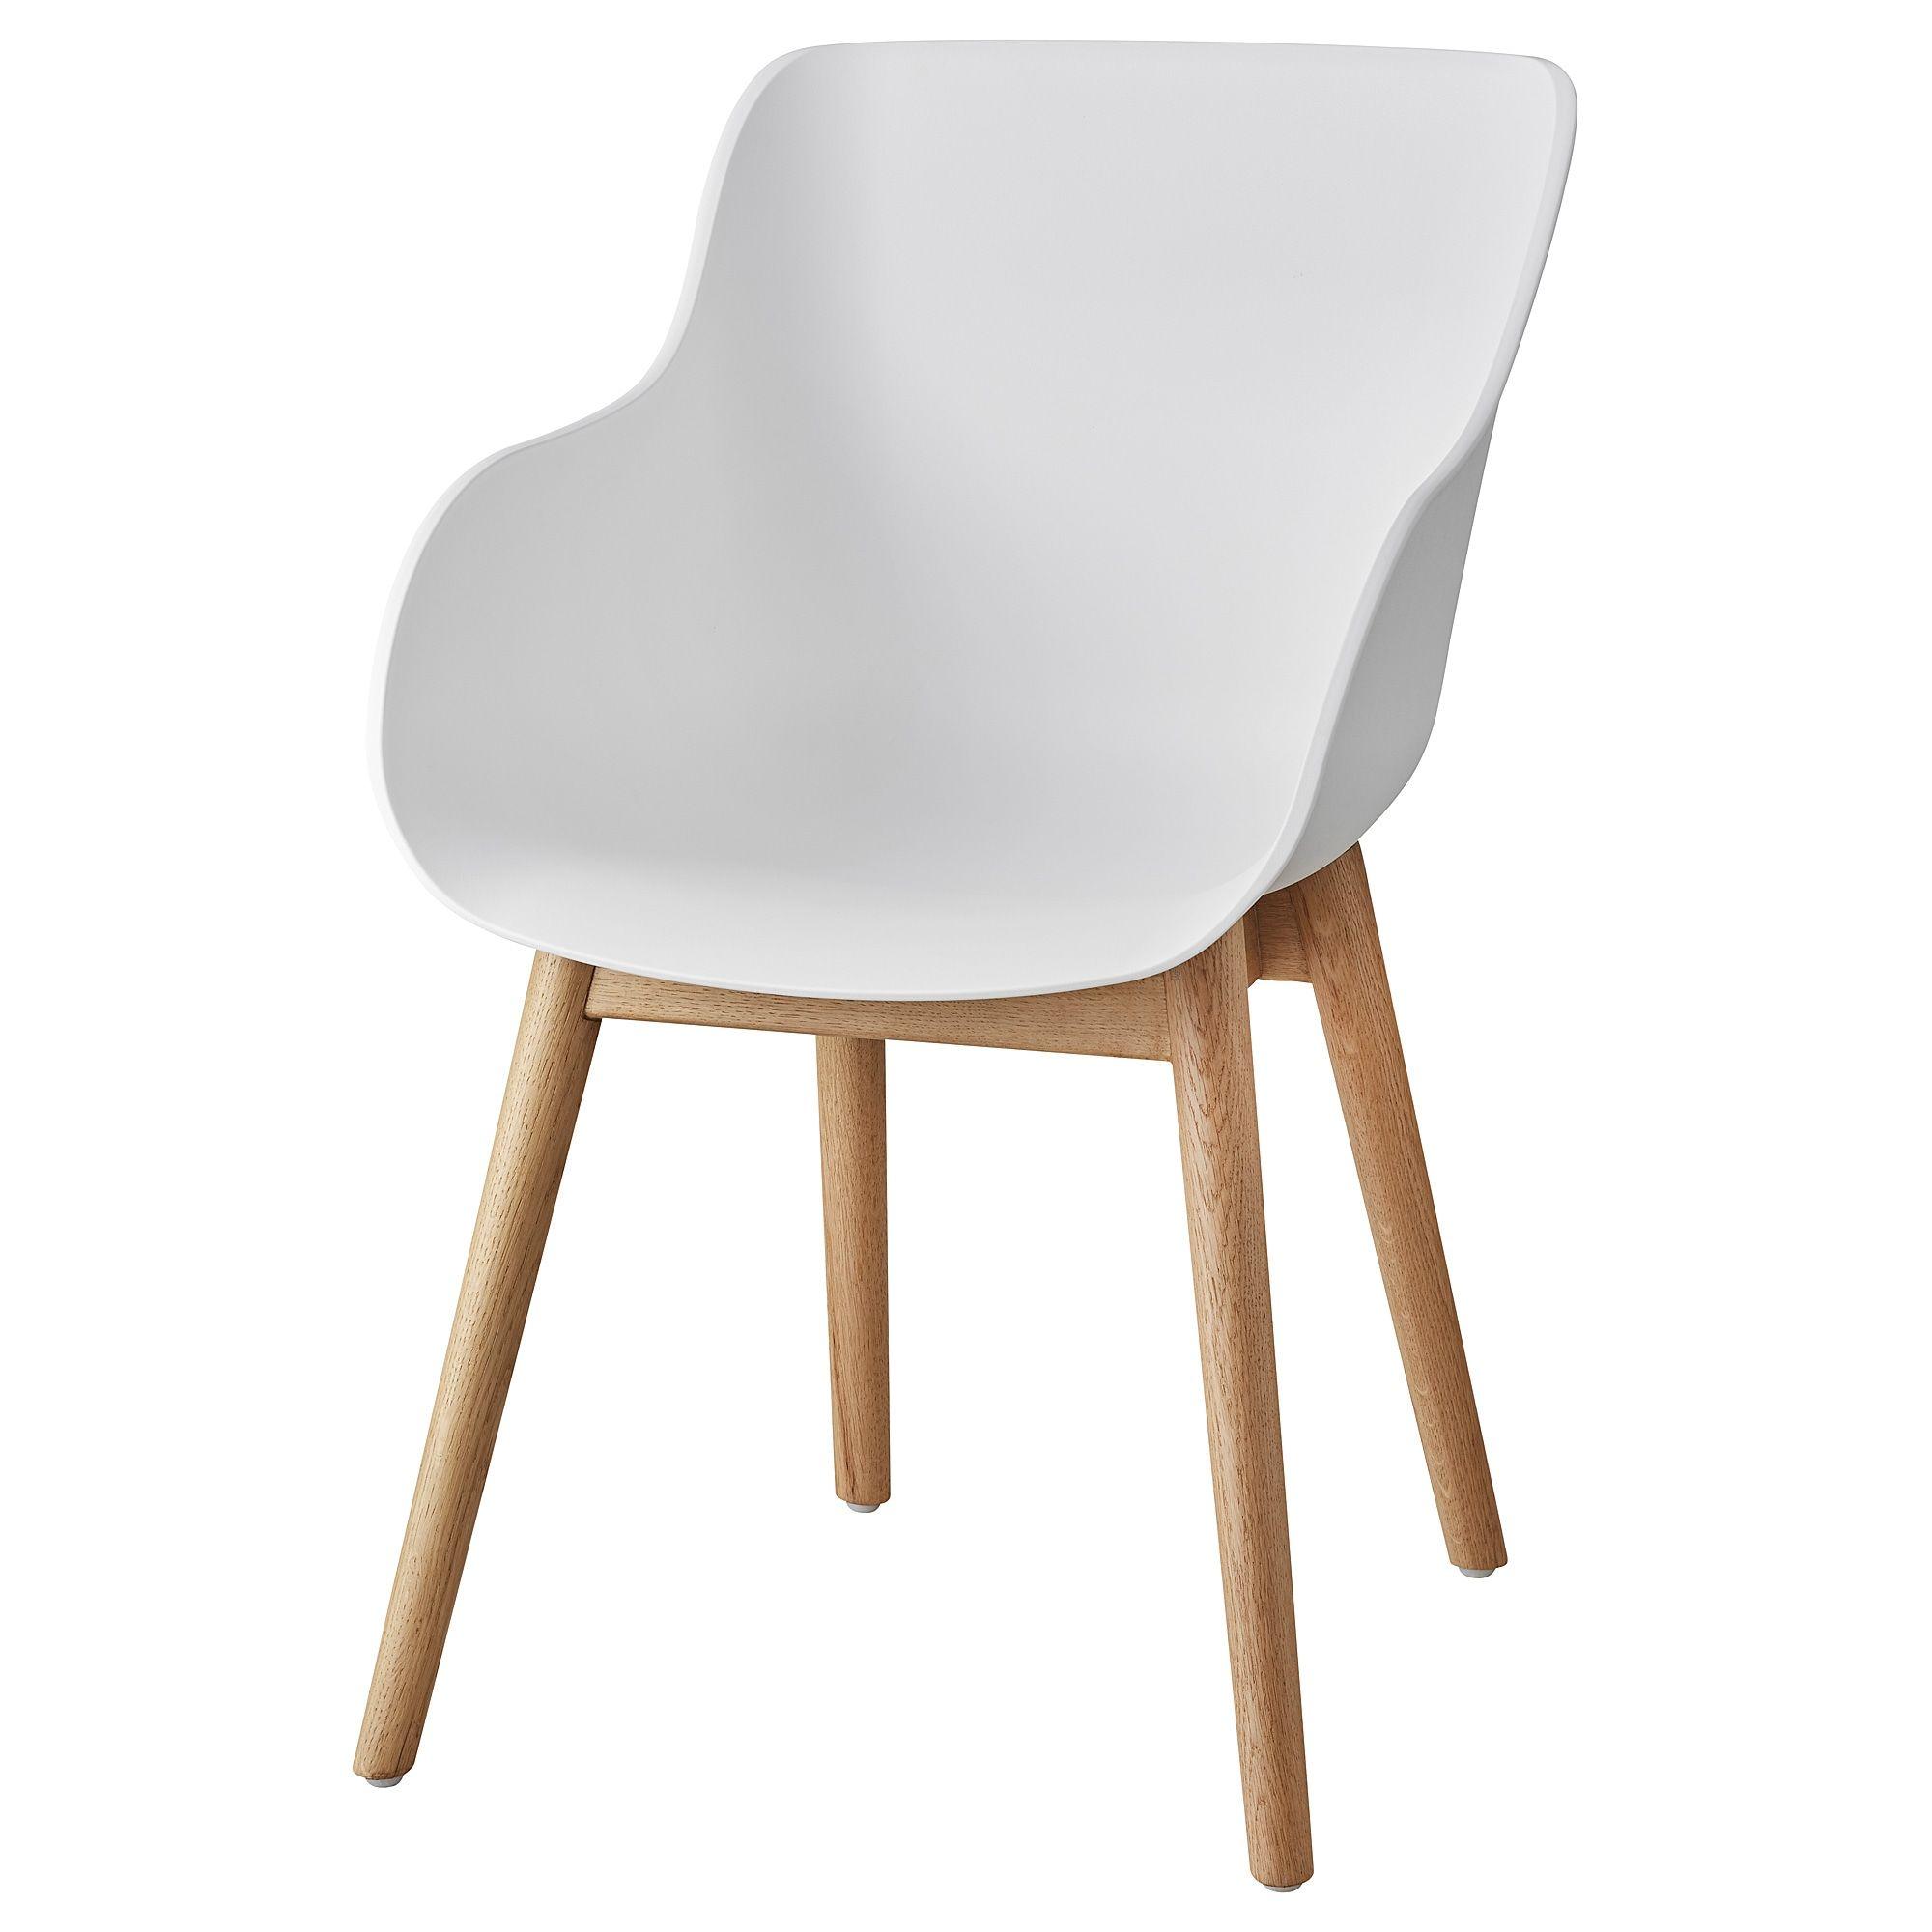 TORVID Chaise blanc, chêne | Chaises blanches, Ikea et Chaise